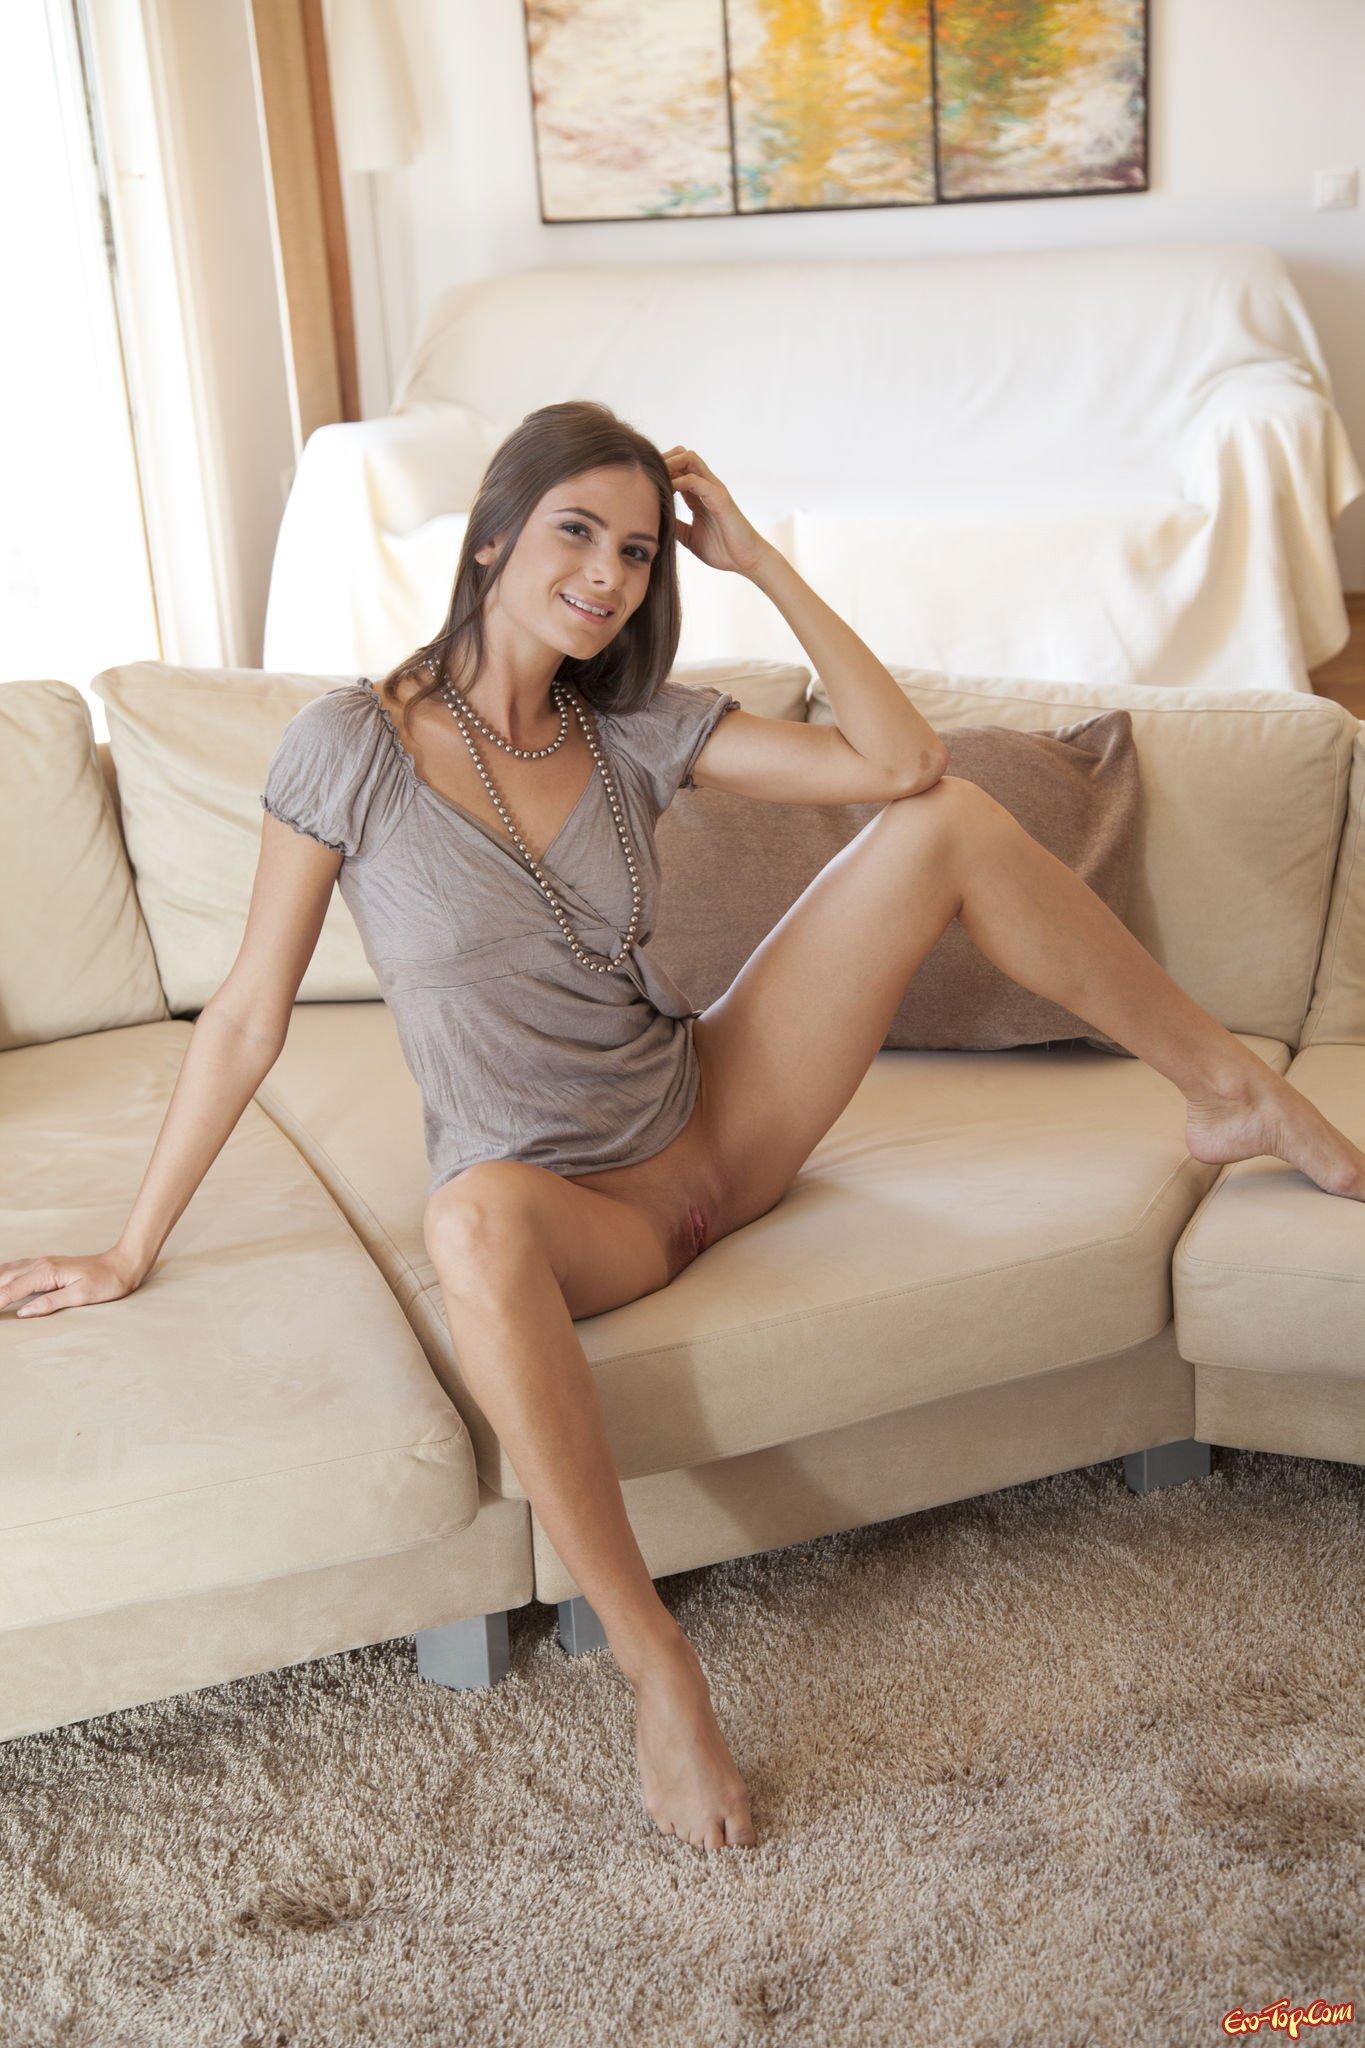 Фото девушка в платье сидя раздвинула ноги фото 301-876